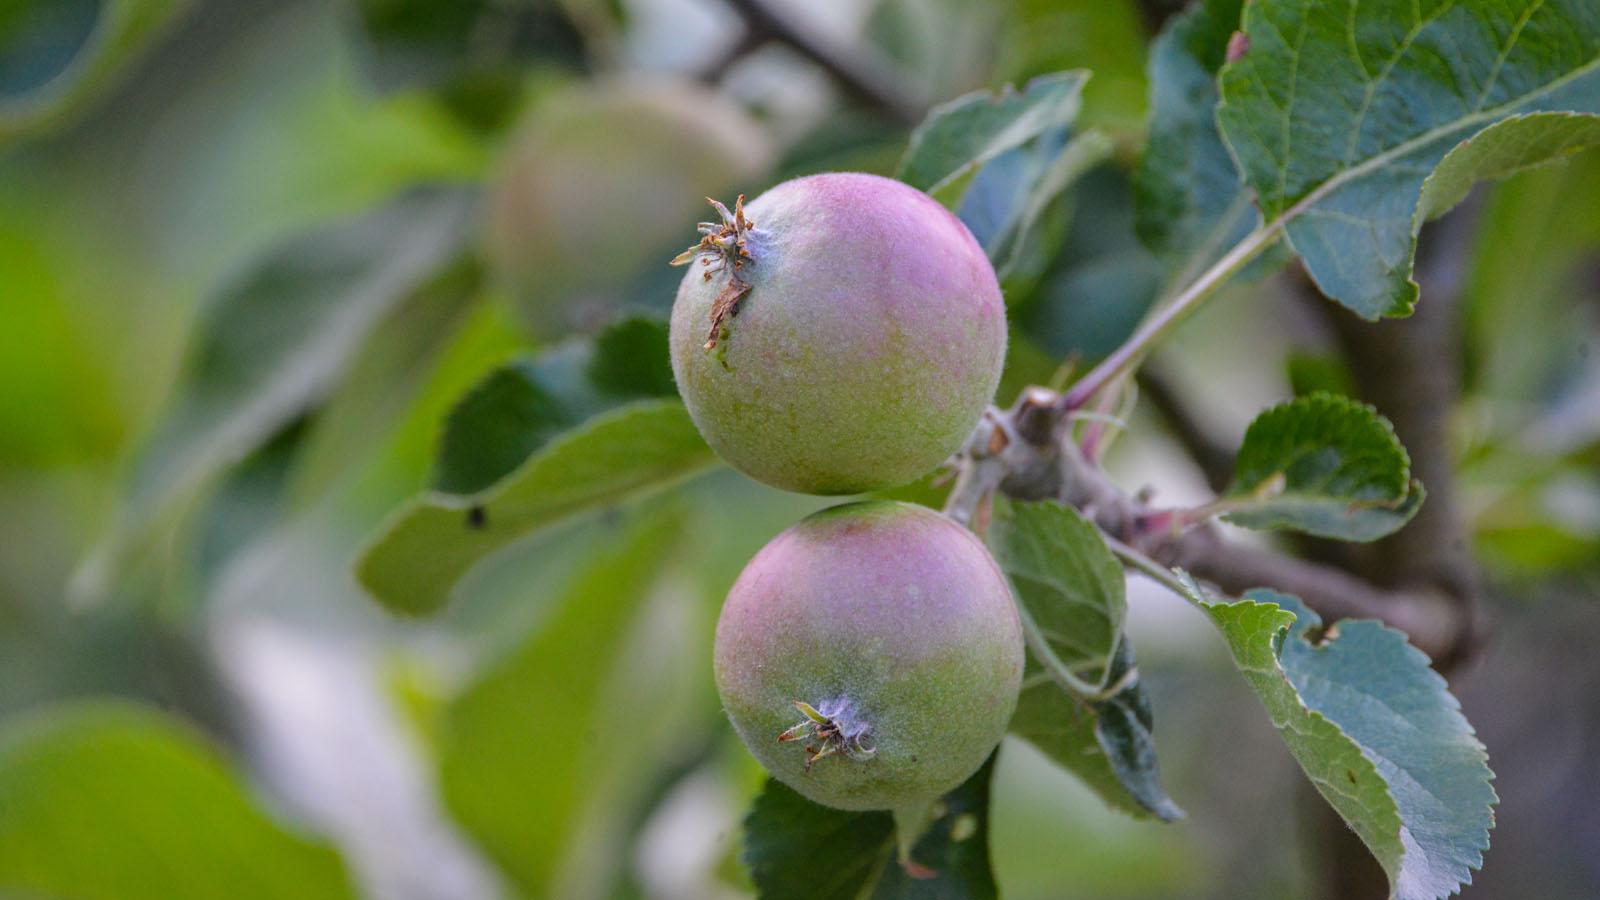 800_5582 Æbler 1600x900